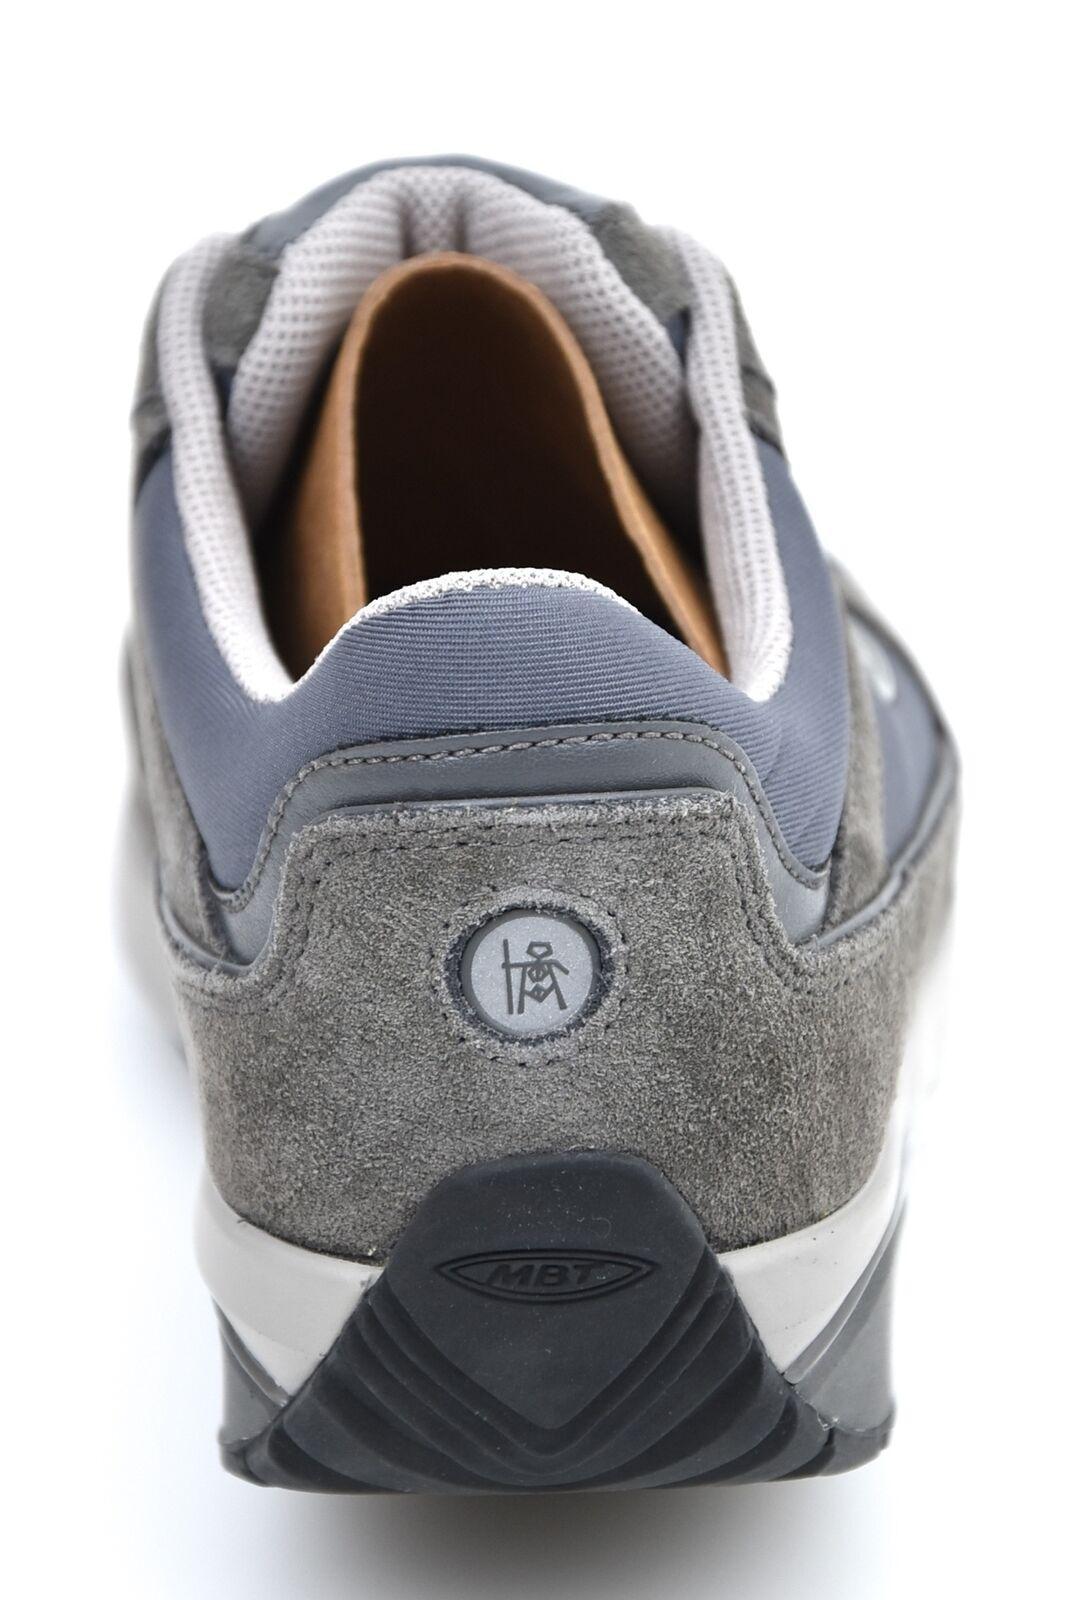 MBT Damenschuhe SPORTS FITNESS SNEAKER Schuhe Schuhe SNEAKER SUEDE SYNTHETIC CODE MOJA LUX 400263 2933ea